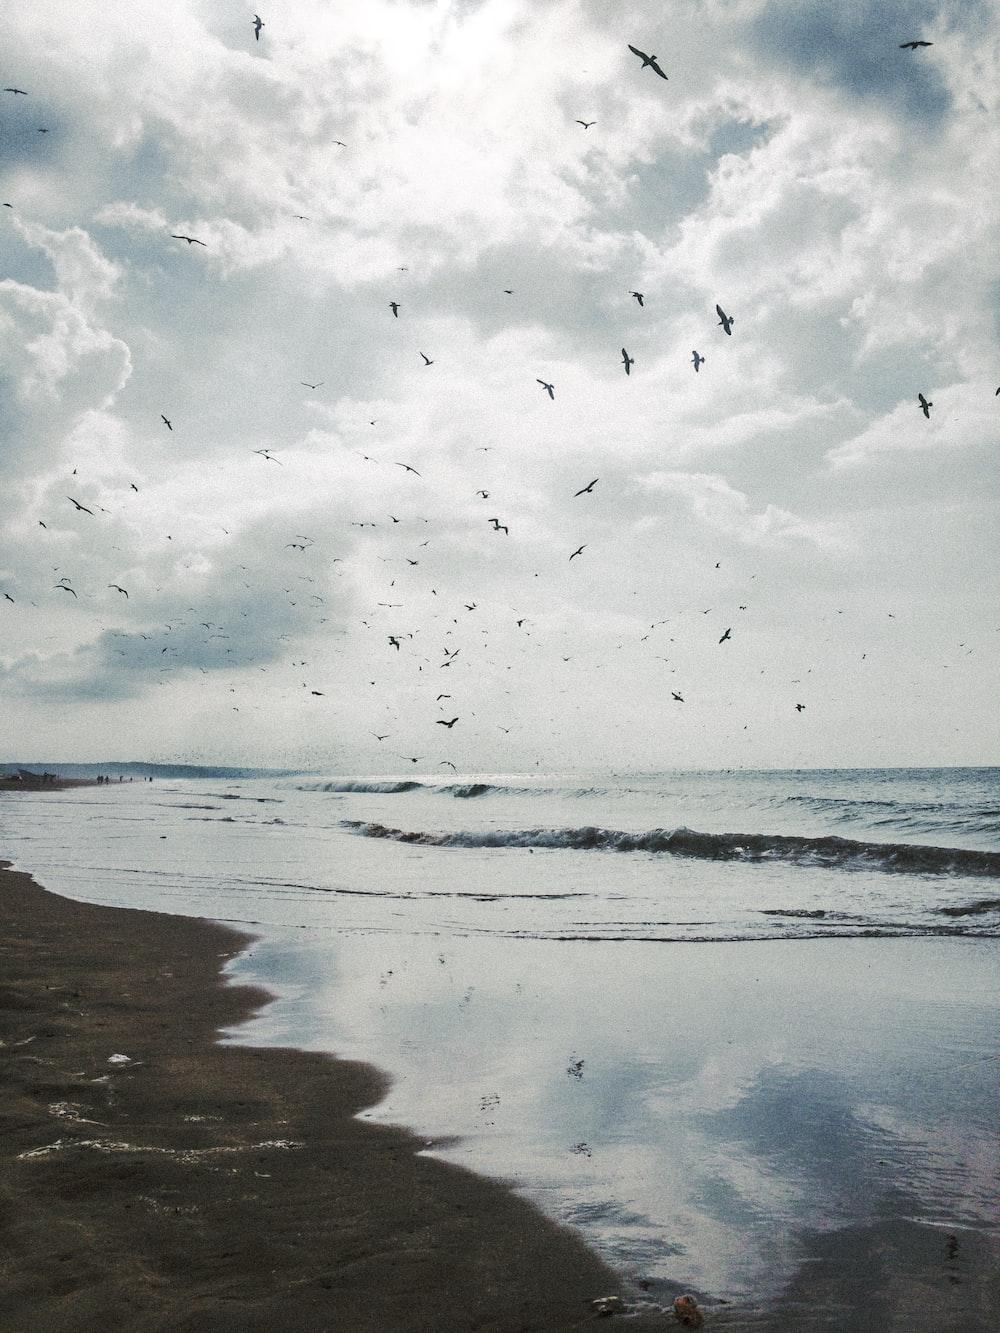 flock of black flying birds flying over the ocean